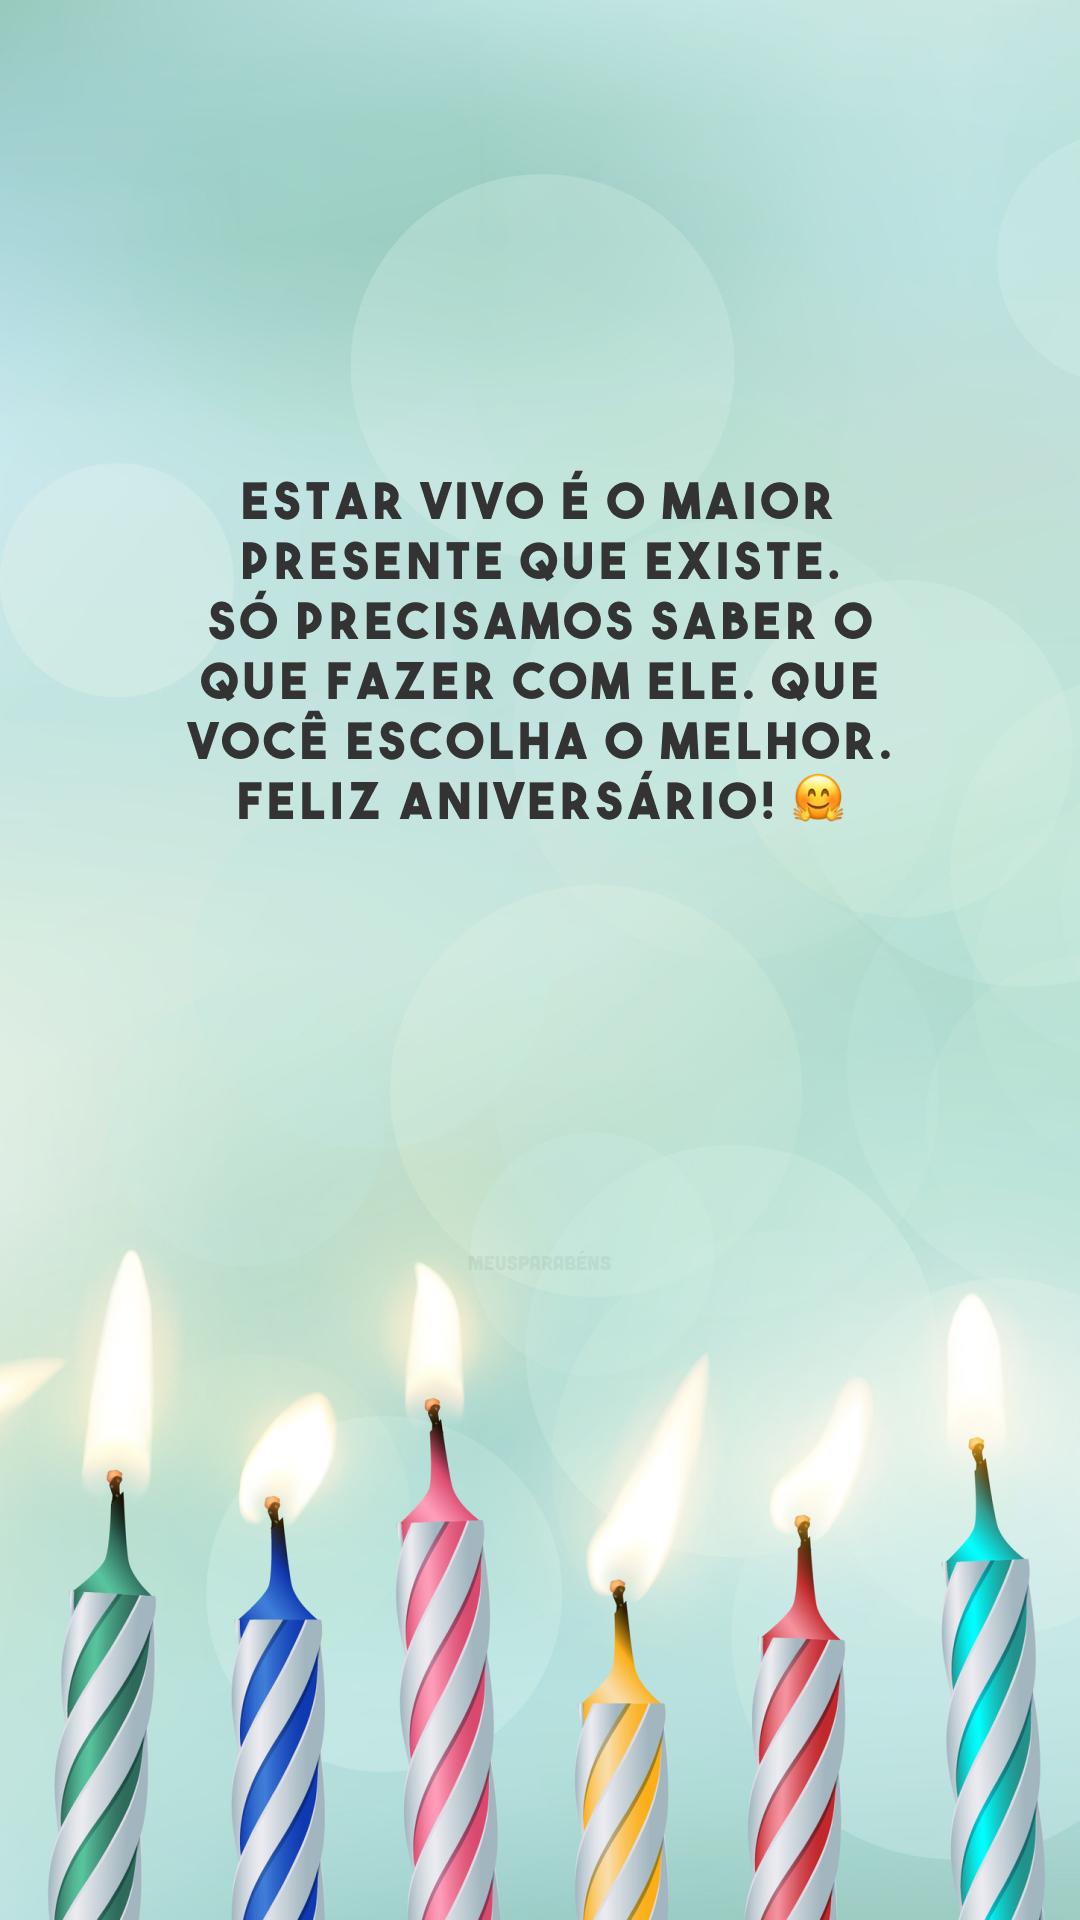 Estar vivo é o maior presente que existe. Só precisamos saber o que fazer com ele. Que você escolha o melhor. Feliz aniversário! 🤗